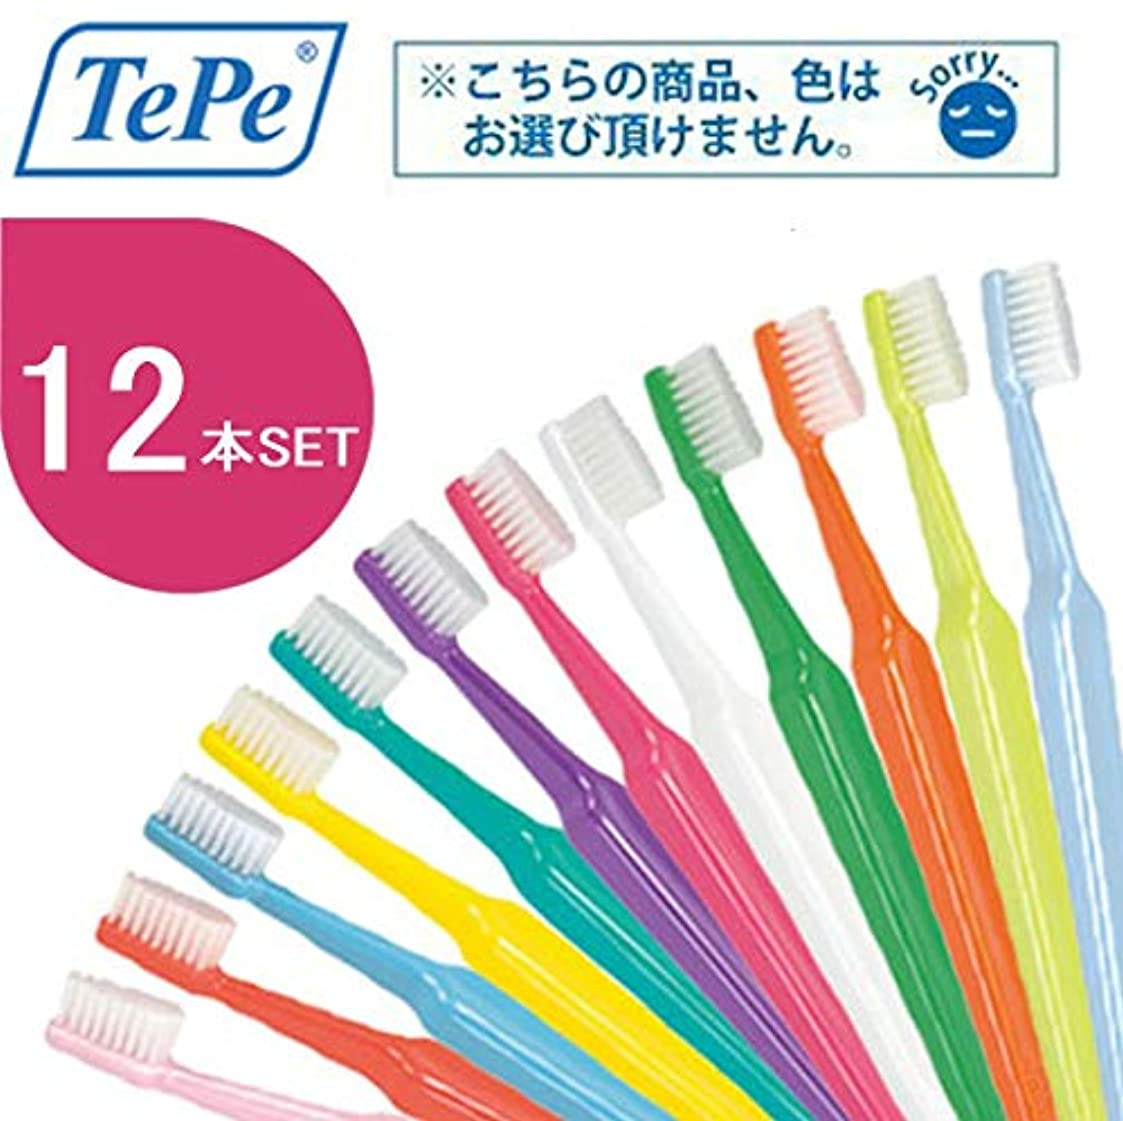 圧力行ミュートクロスフィールド TePe テペ セレクト 歯ブラシ 12本 (エクストラソフト)